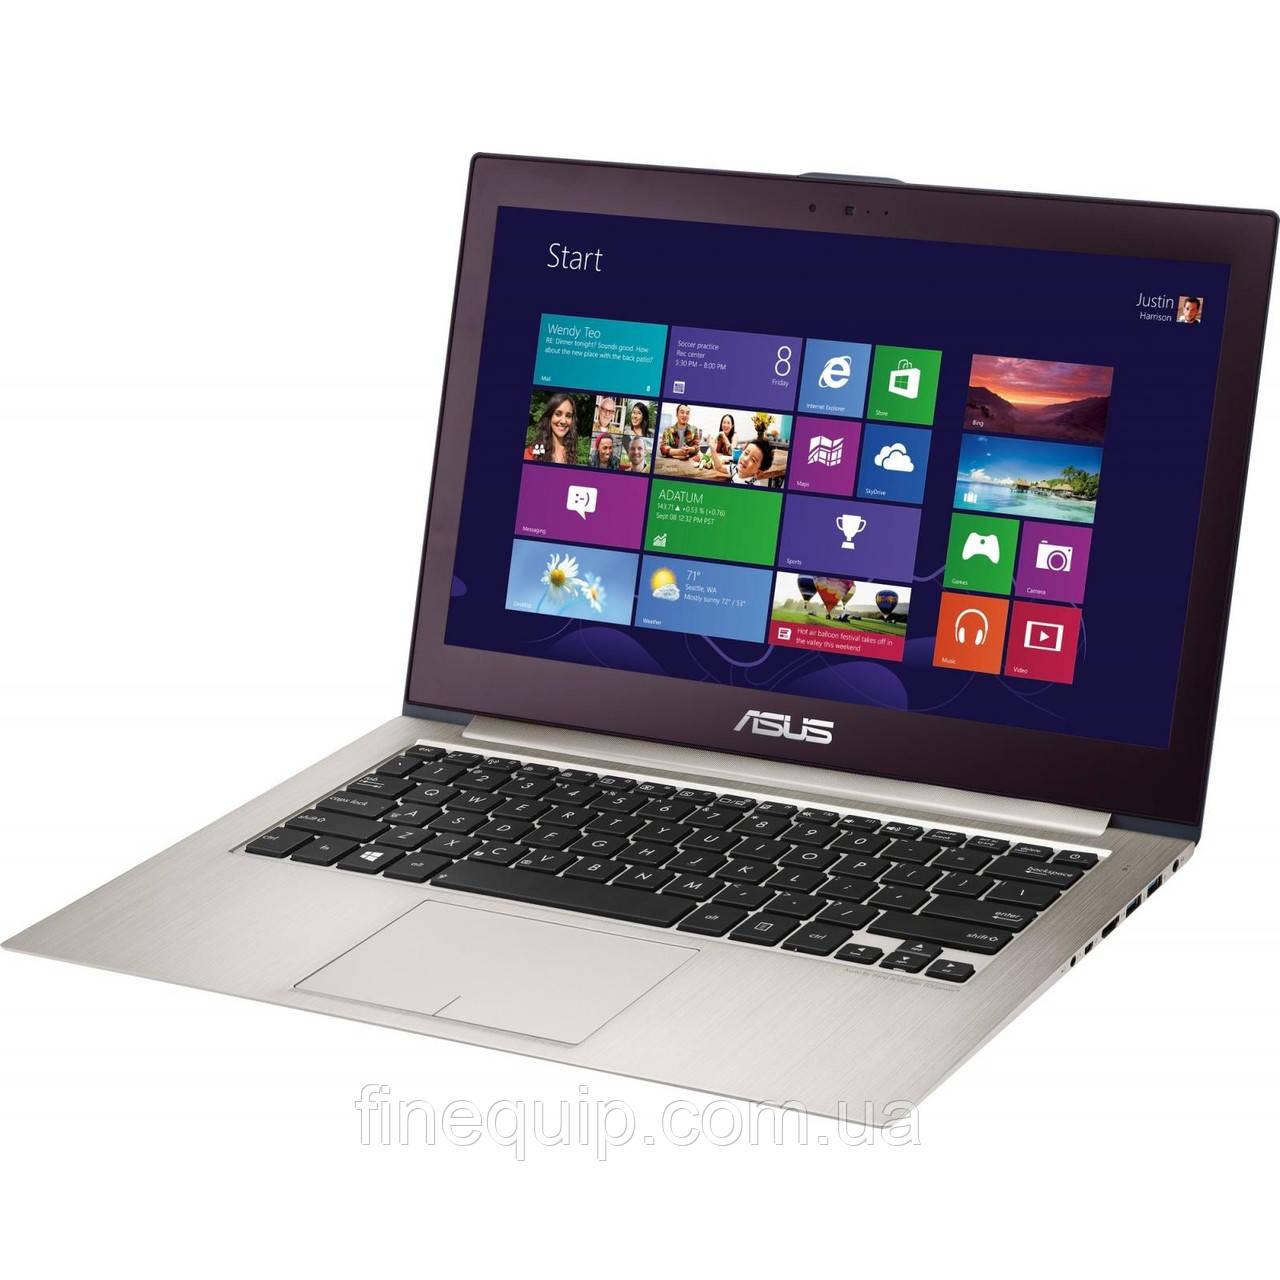 Ноутбук ASUS UX32A-Intel Core i5-3317U-1.7GHz-6Gb-DDR3-320Gb-HDD-32Gb-SSD-W13.3-Web-(B-)- Б/У